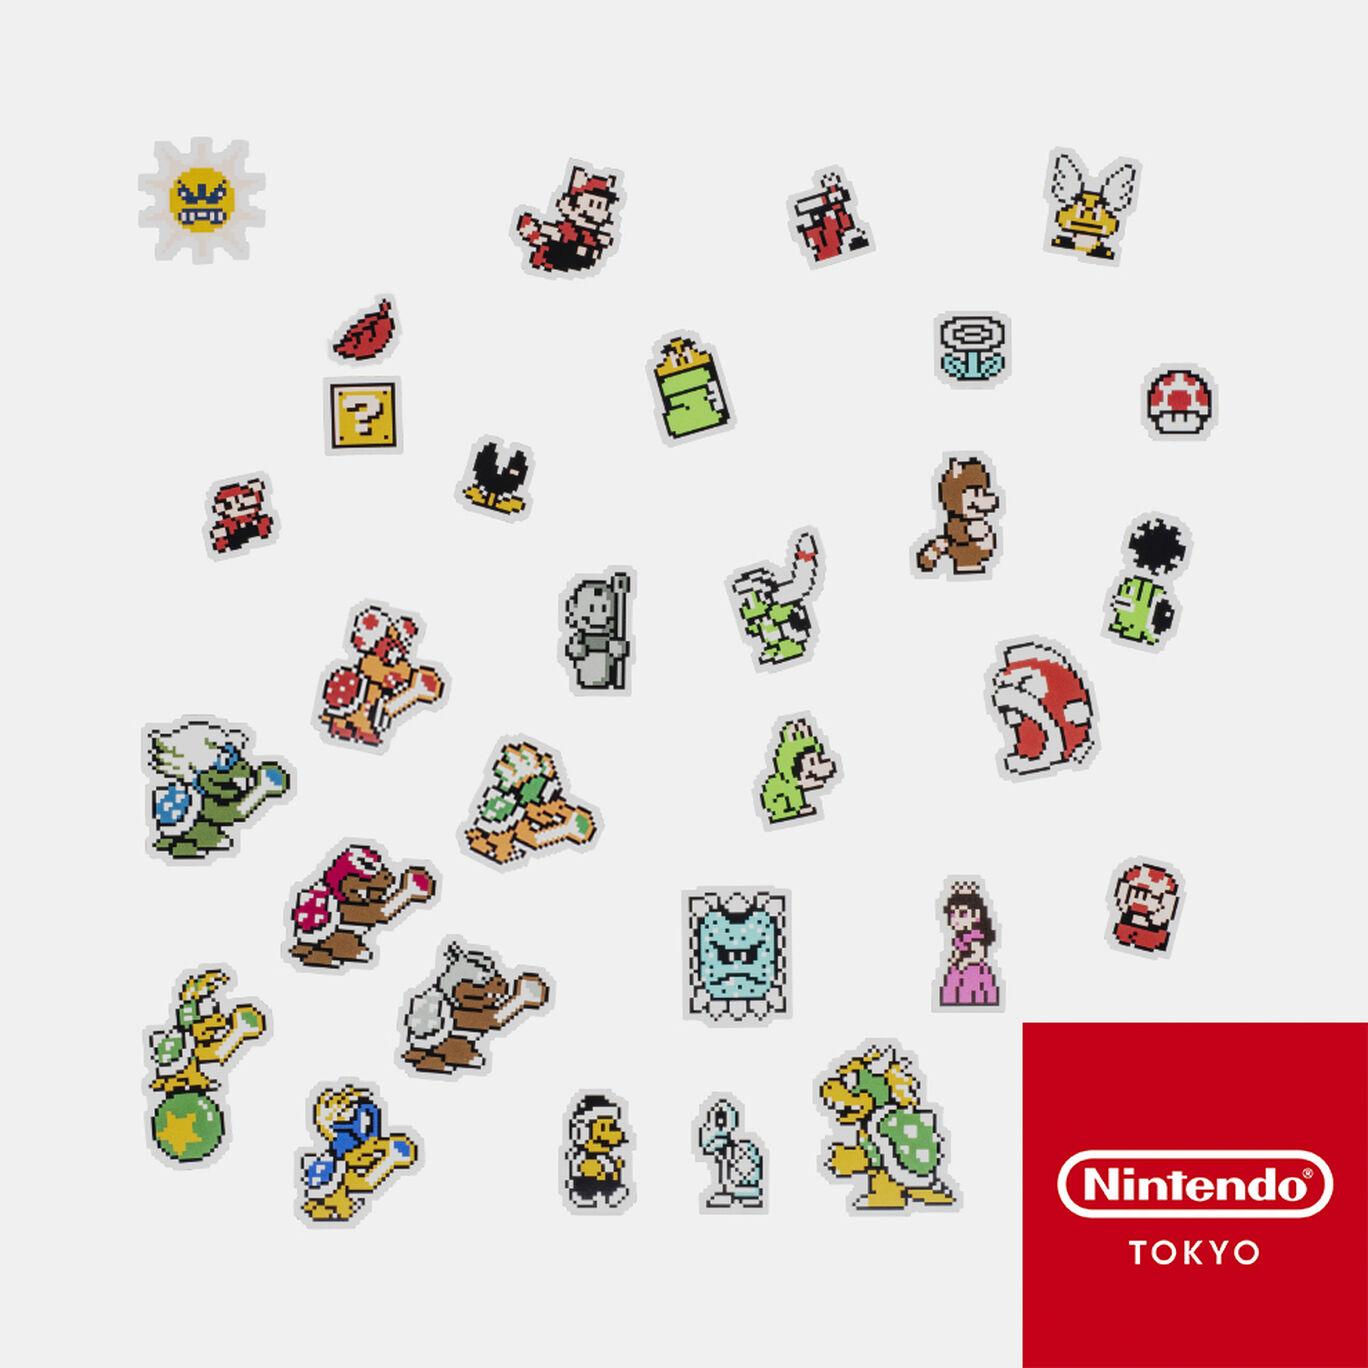 フレークシール スーパーマリオブラザーズ3【Nintendo TOKYO取り扱い商品】